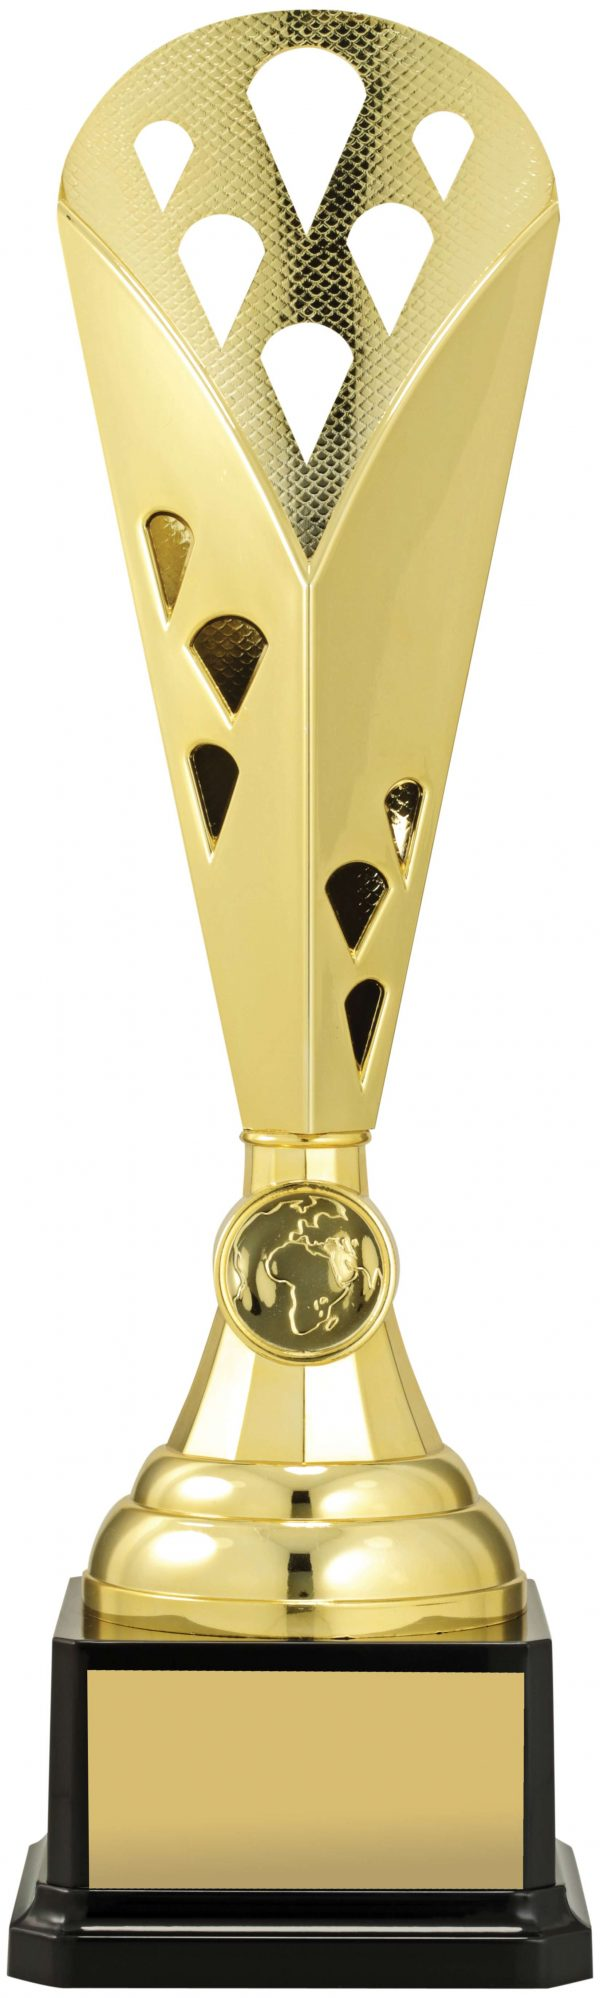 Gold Zephyr 330mm